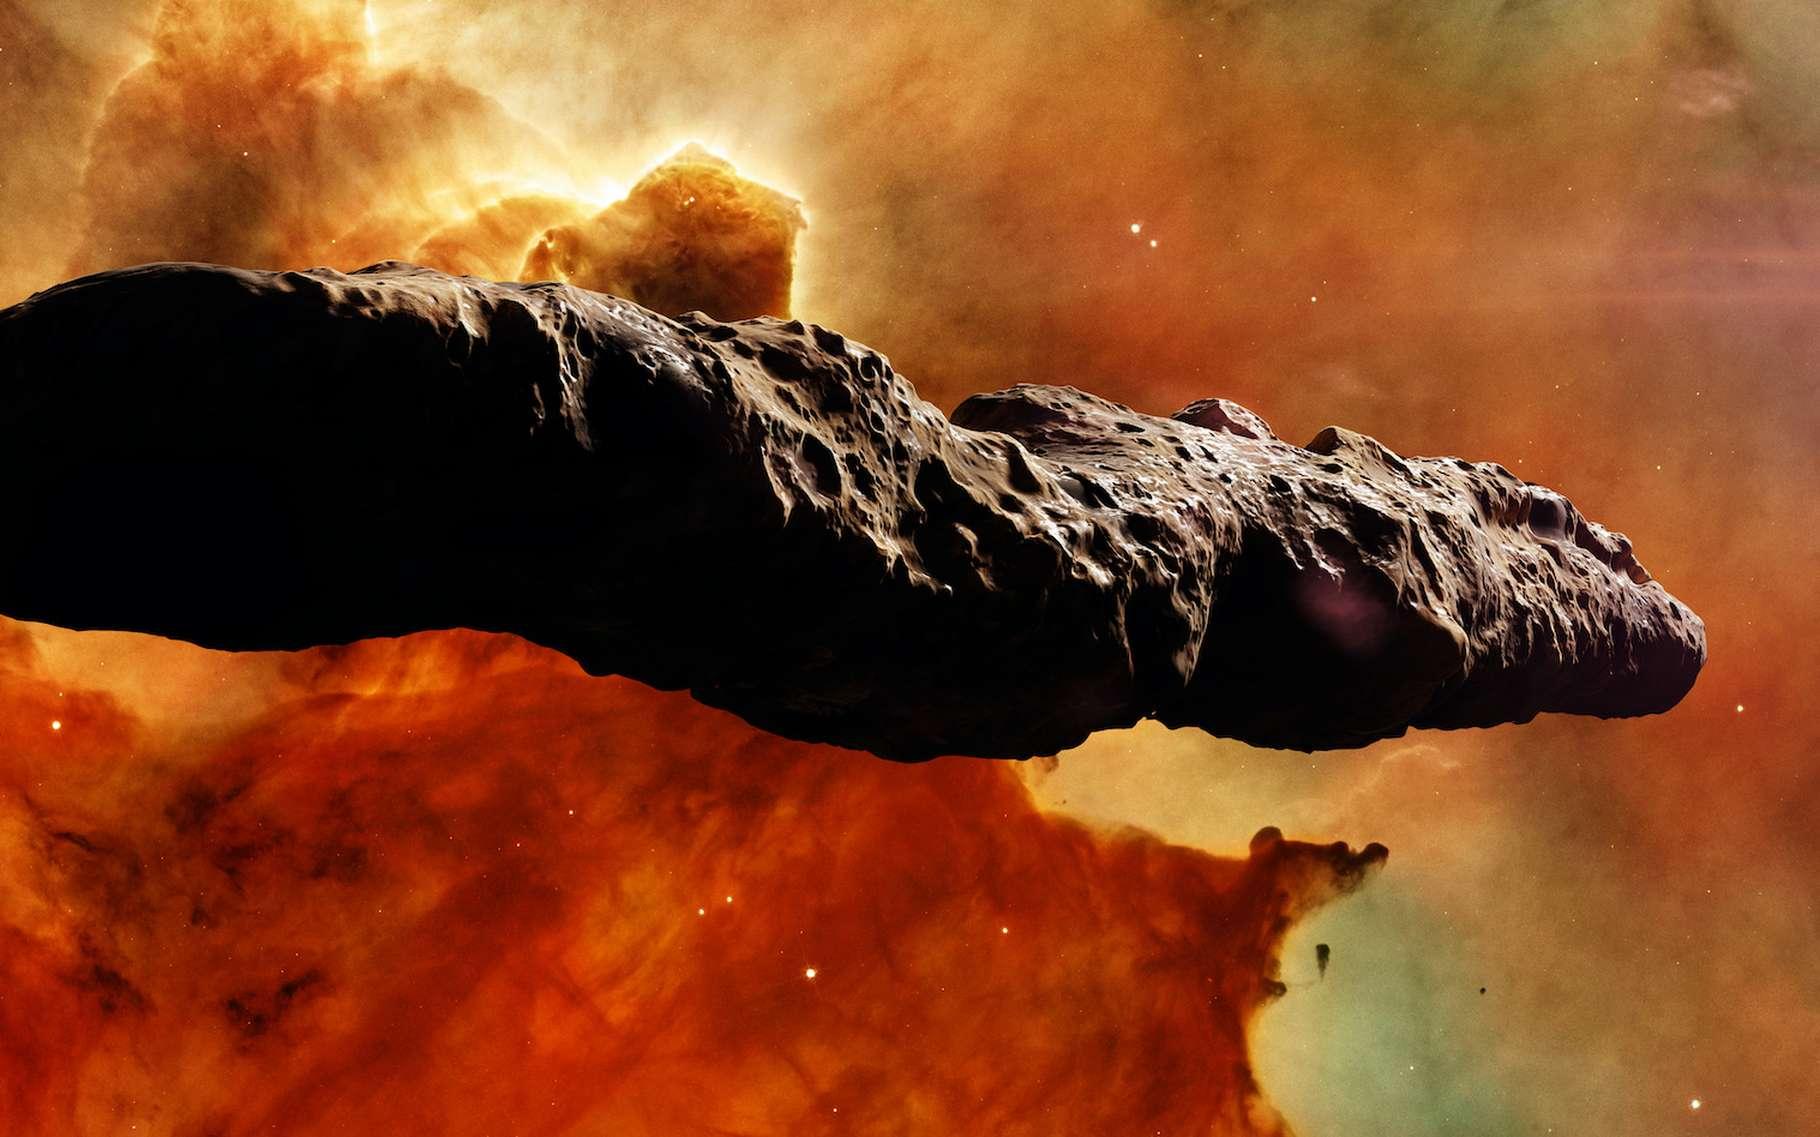 Des astrophysiciens ont peut-être trouvé un moyen d'expliquer les étranges caractéristiques de 'Oumuamua. En considérant qu'il est fait de glace d'azote, comme on en trouve à la surface de Pluton. Il s'agirait donc finalement d'un fragment d'une exoplanète. © dottedyetti, Adobe Stock